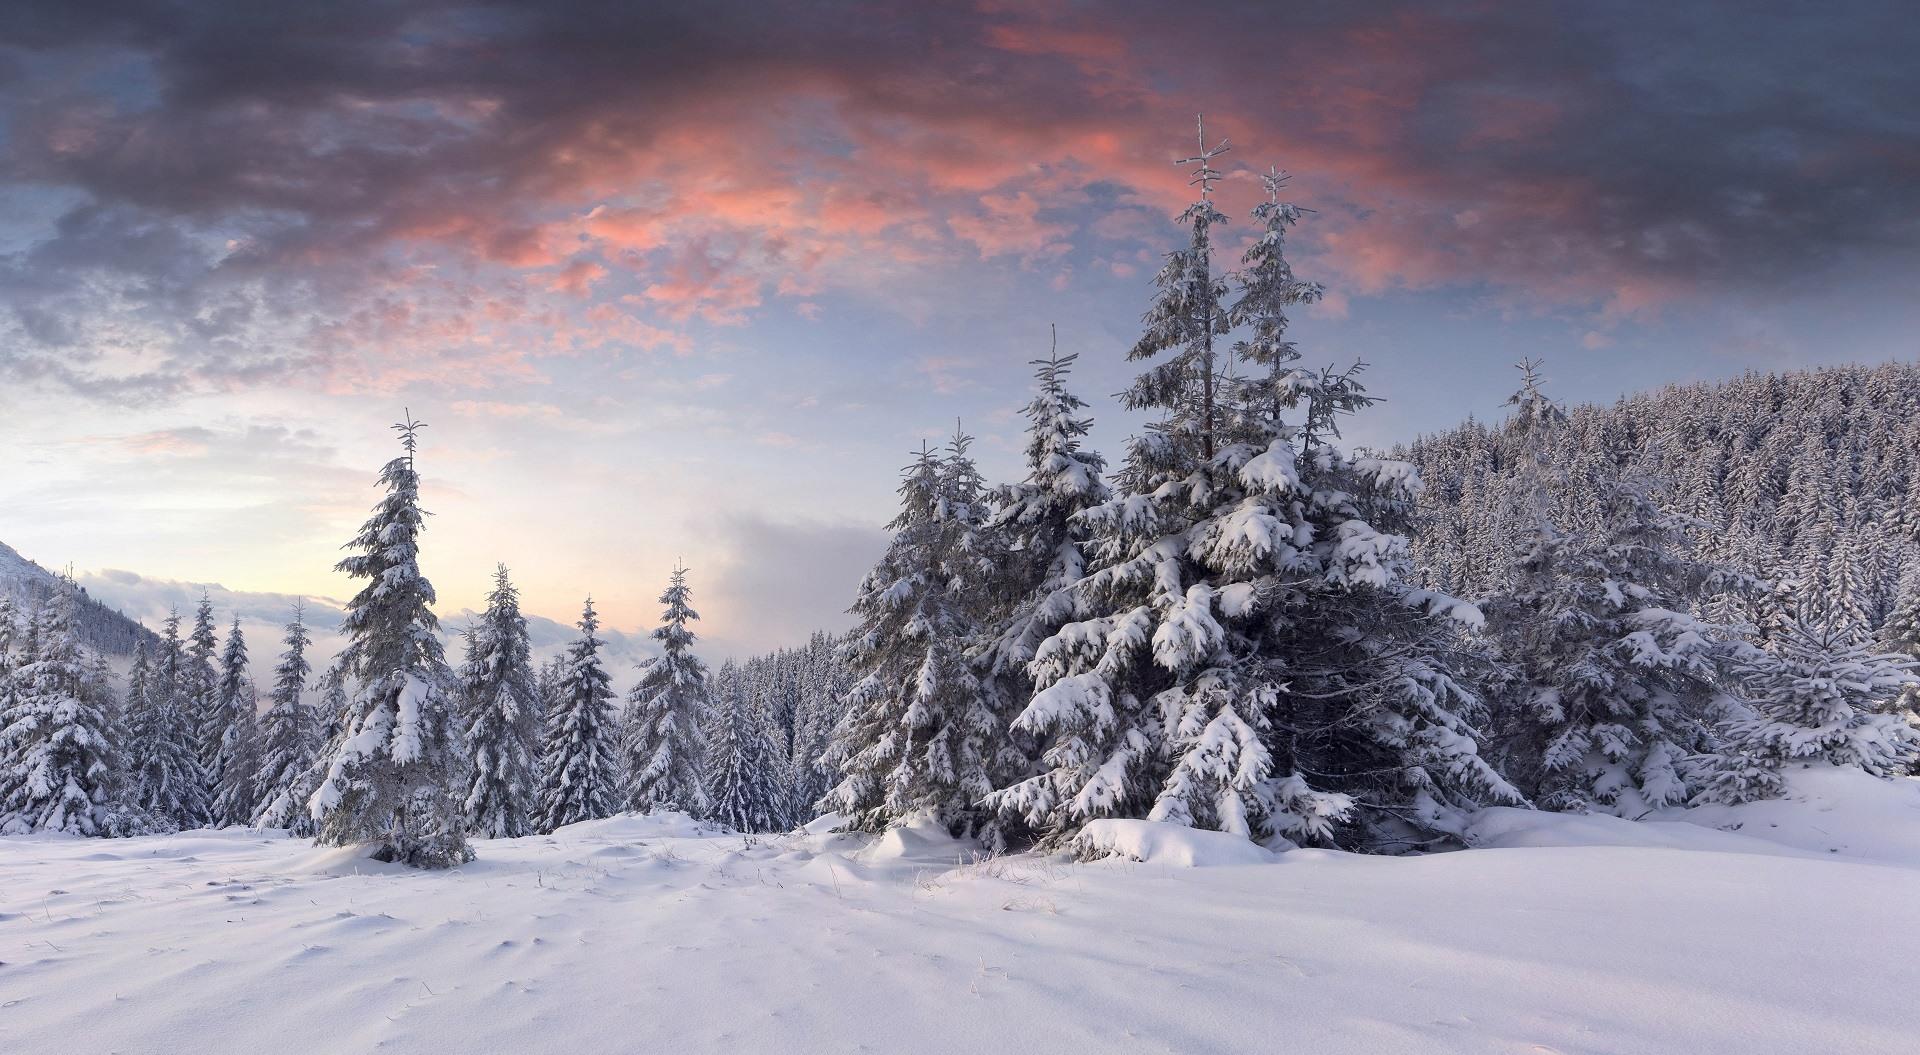 картинки зима в высоком качестве на русском